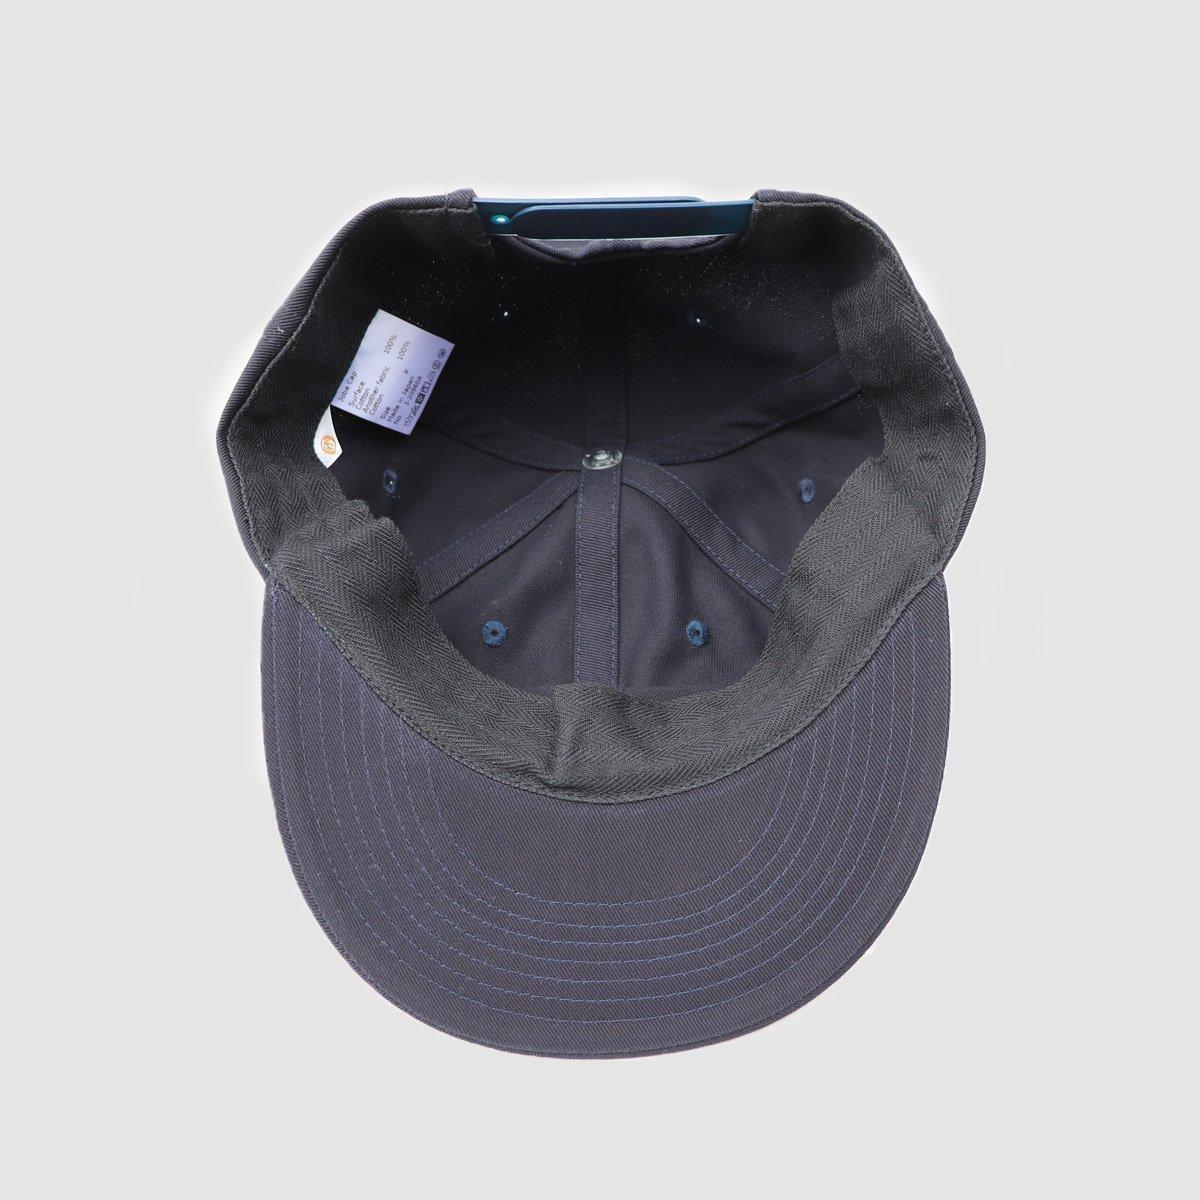 JOBA CAP 詳細画像8